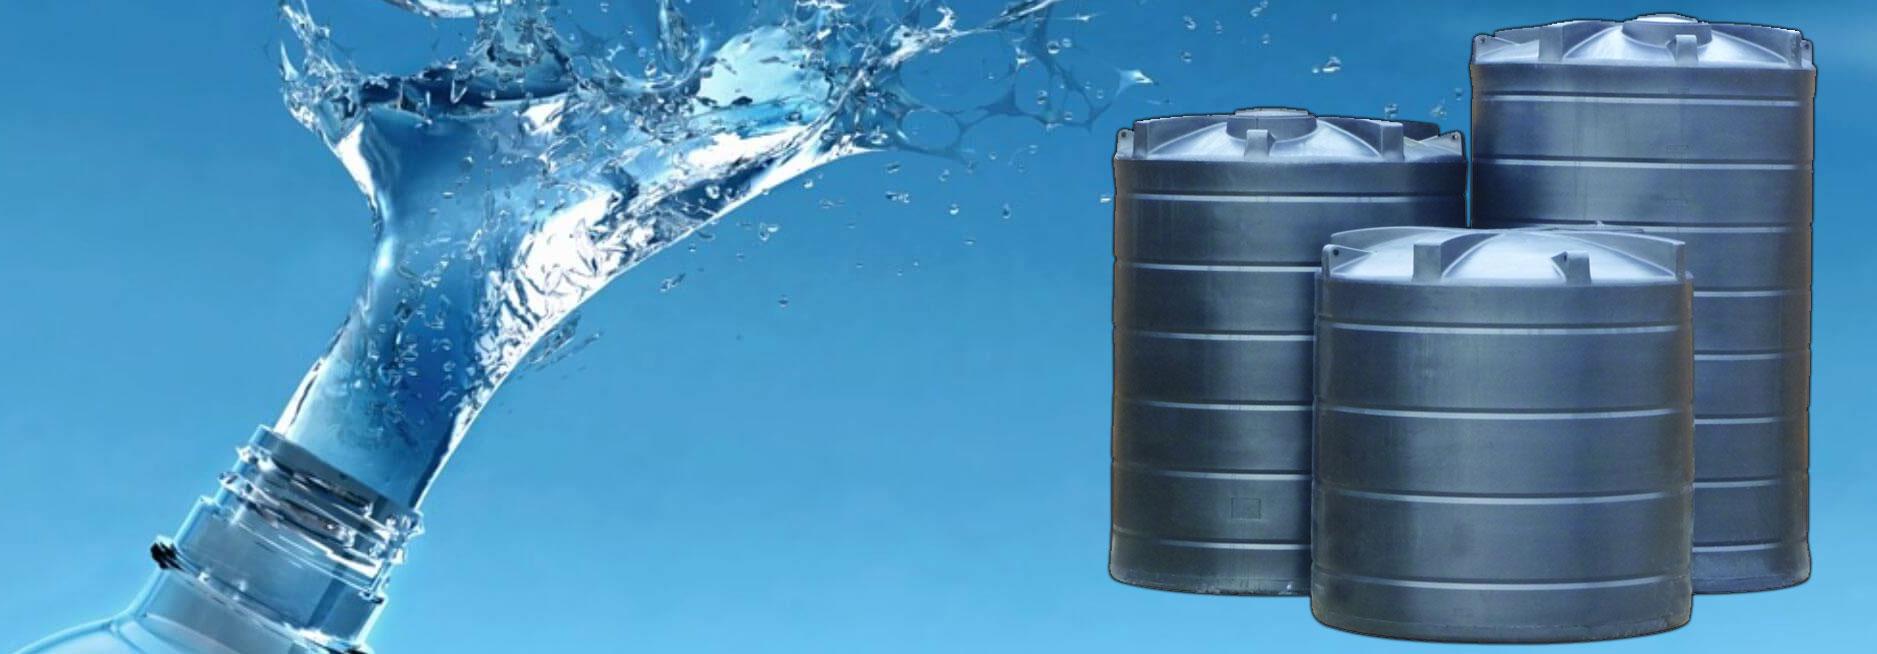 شركة تنظيف خزانات بالخرج 0502977689 غسيل وتعقيم وفحص الخزانات